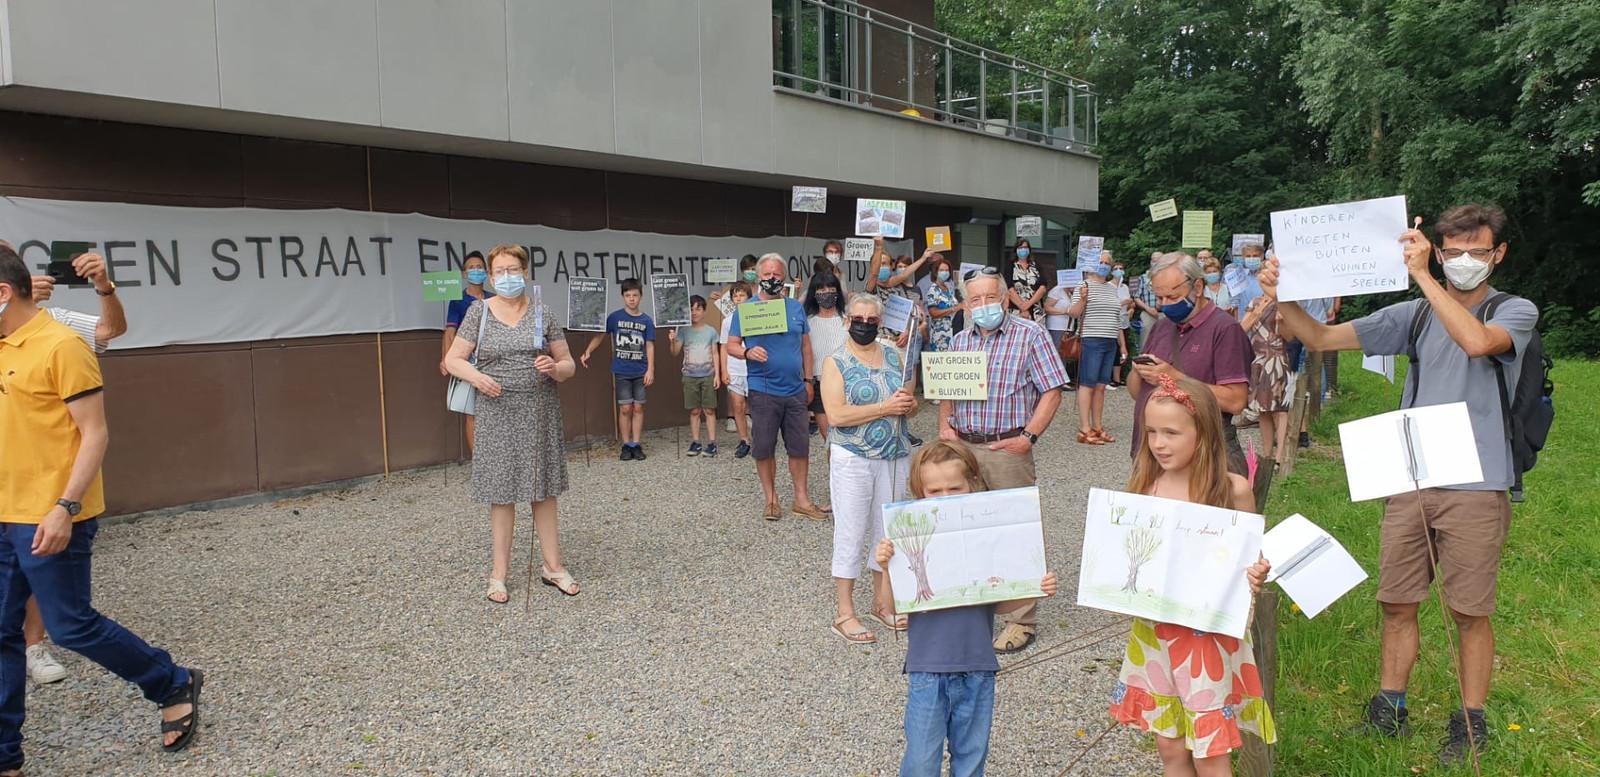 LIER - Een vijftigtal buurtbewoners kwamen zaterdag samen voor een stil protest tegen de mogelijke komst van 57 nieuwe wooneenheden.